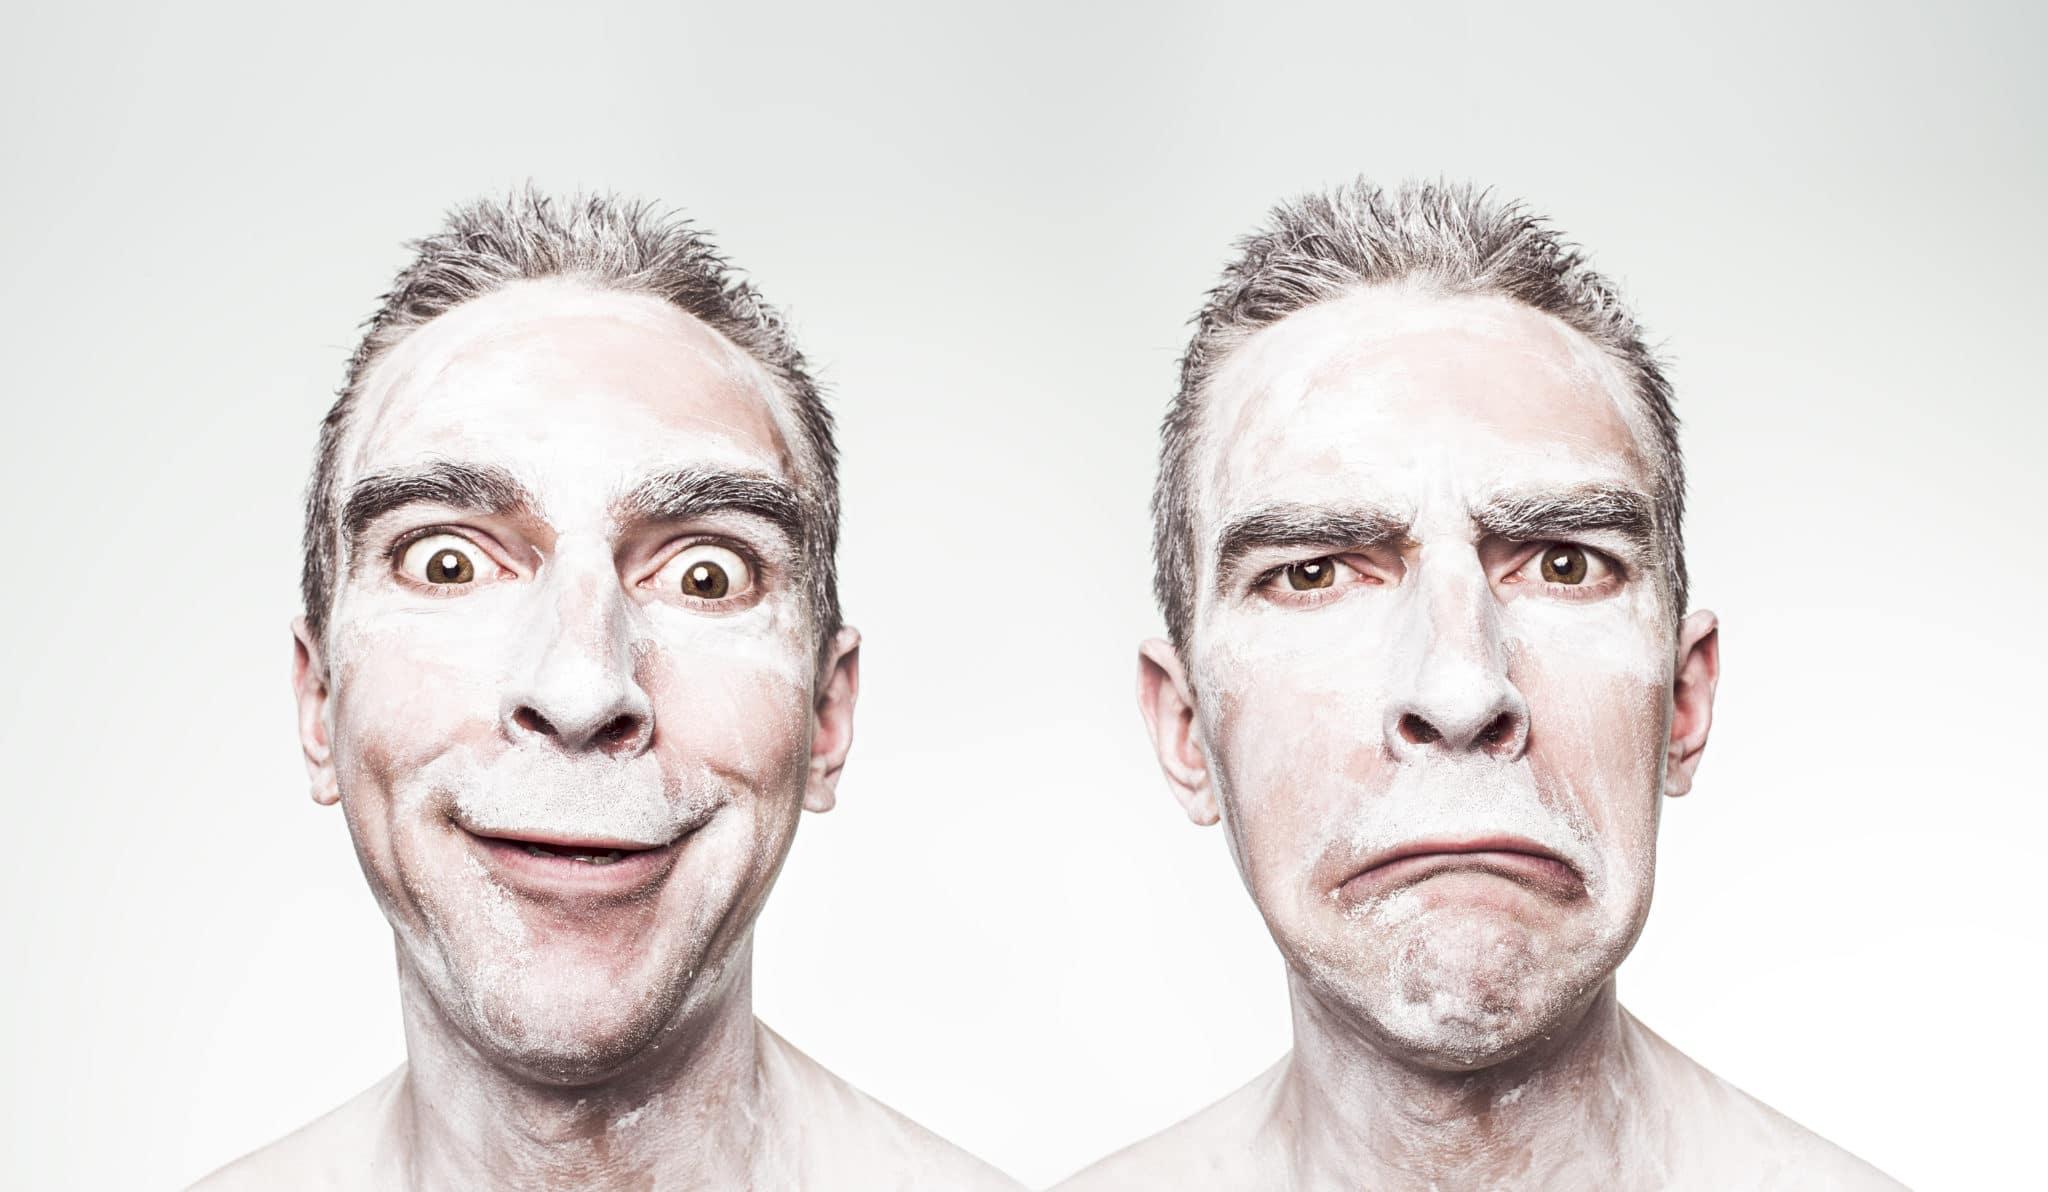 Comment différencier une émotion authentique d'une émotion parasite?